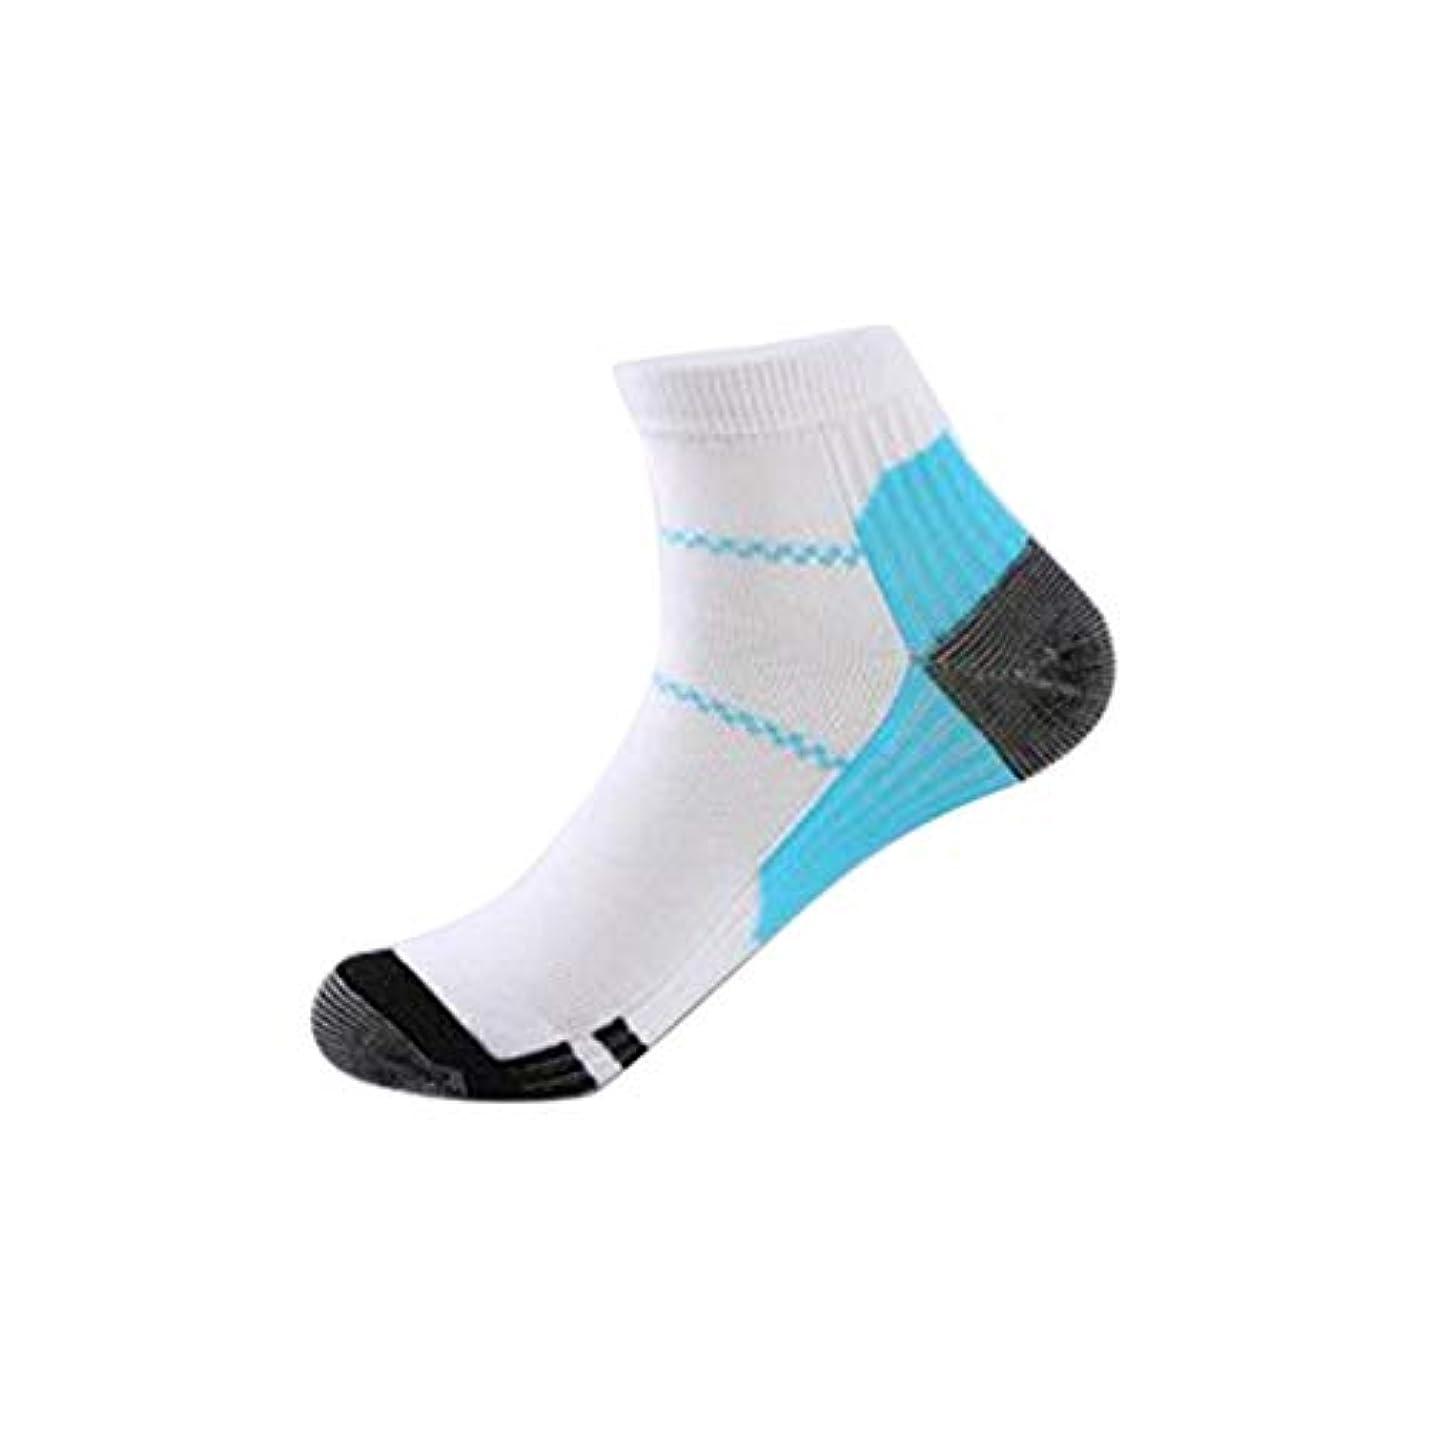 選択大学湿度快適な男性女性ファッション短いストレッチ圧縮靴下膝ソックスサポートストレッチ通気性ソックス - ホワイト&ブルーS/M